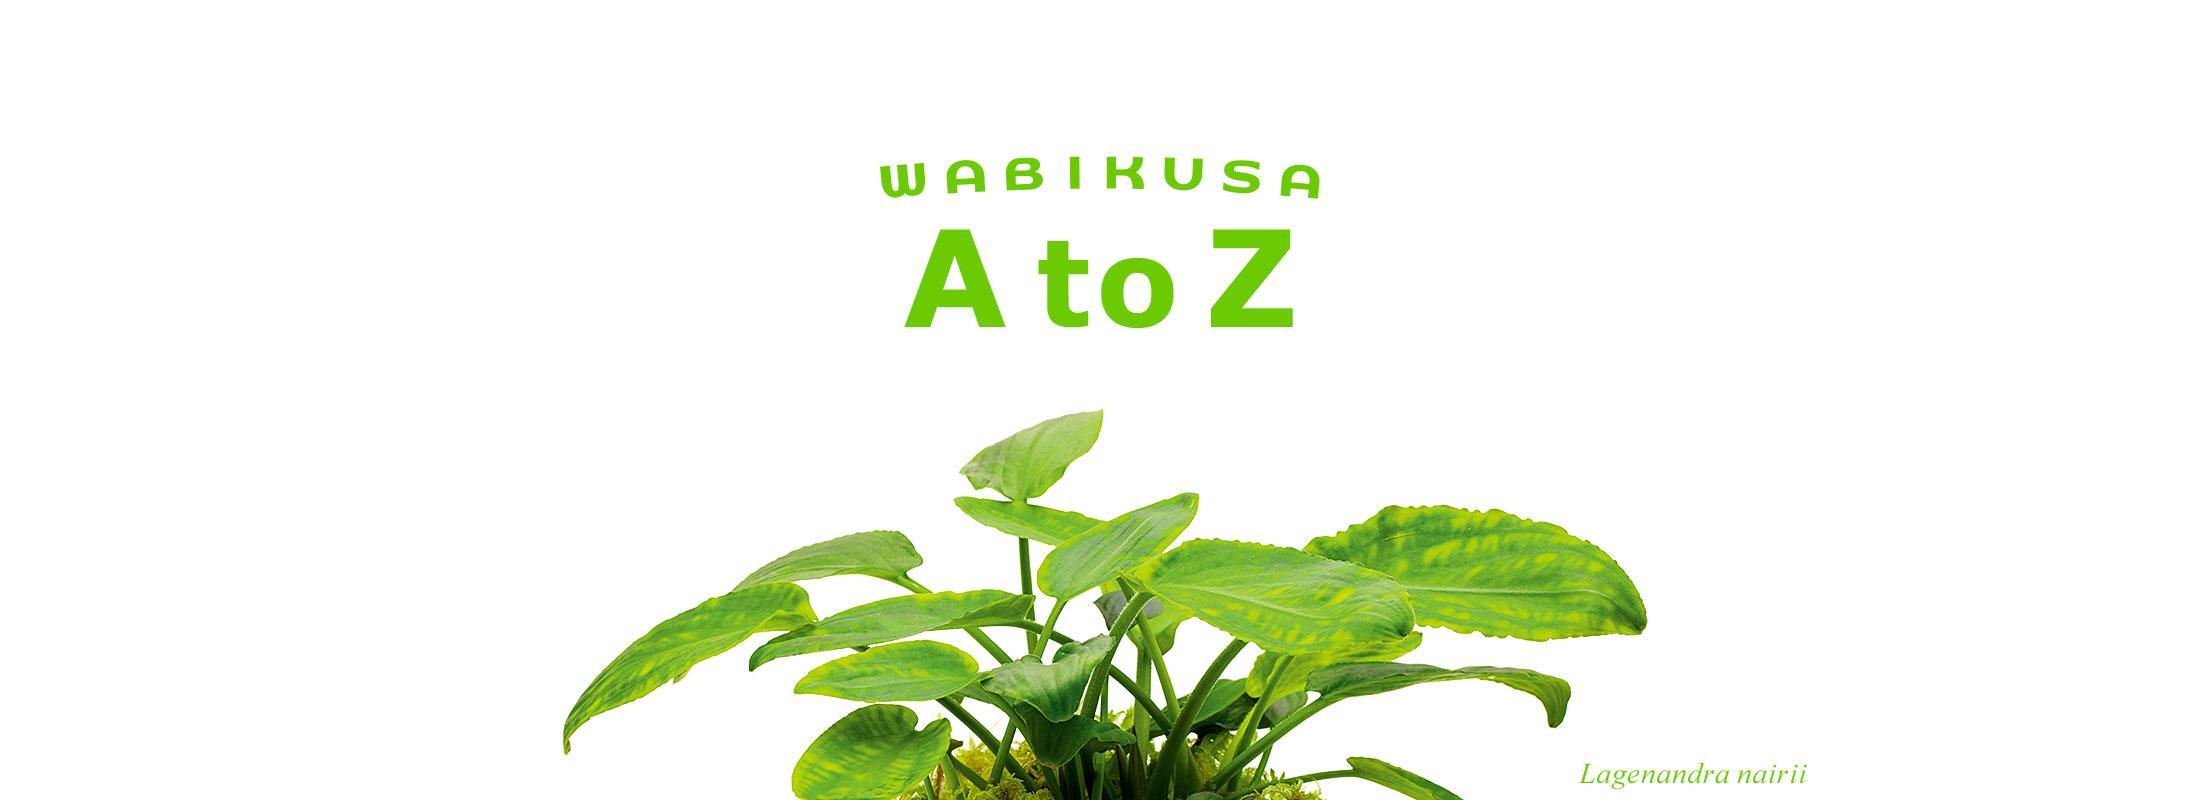 佗び草AtoZ 第4回「ラゲナンドラ・ナイリー」